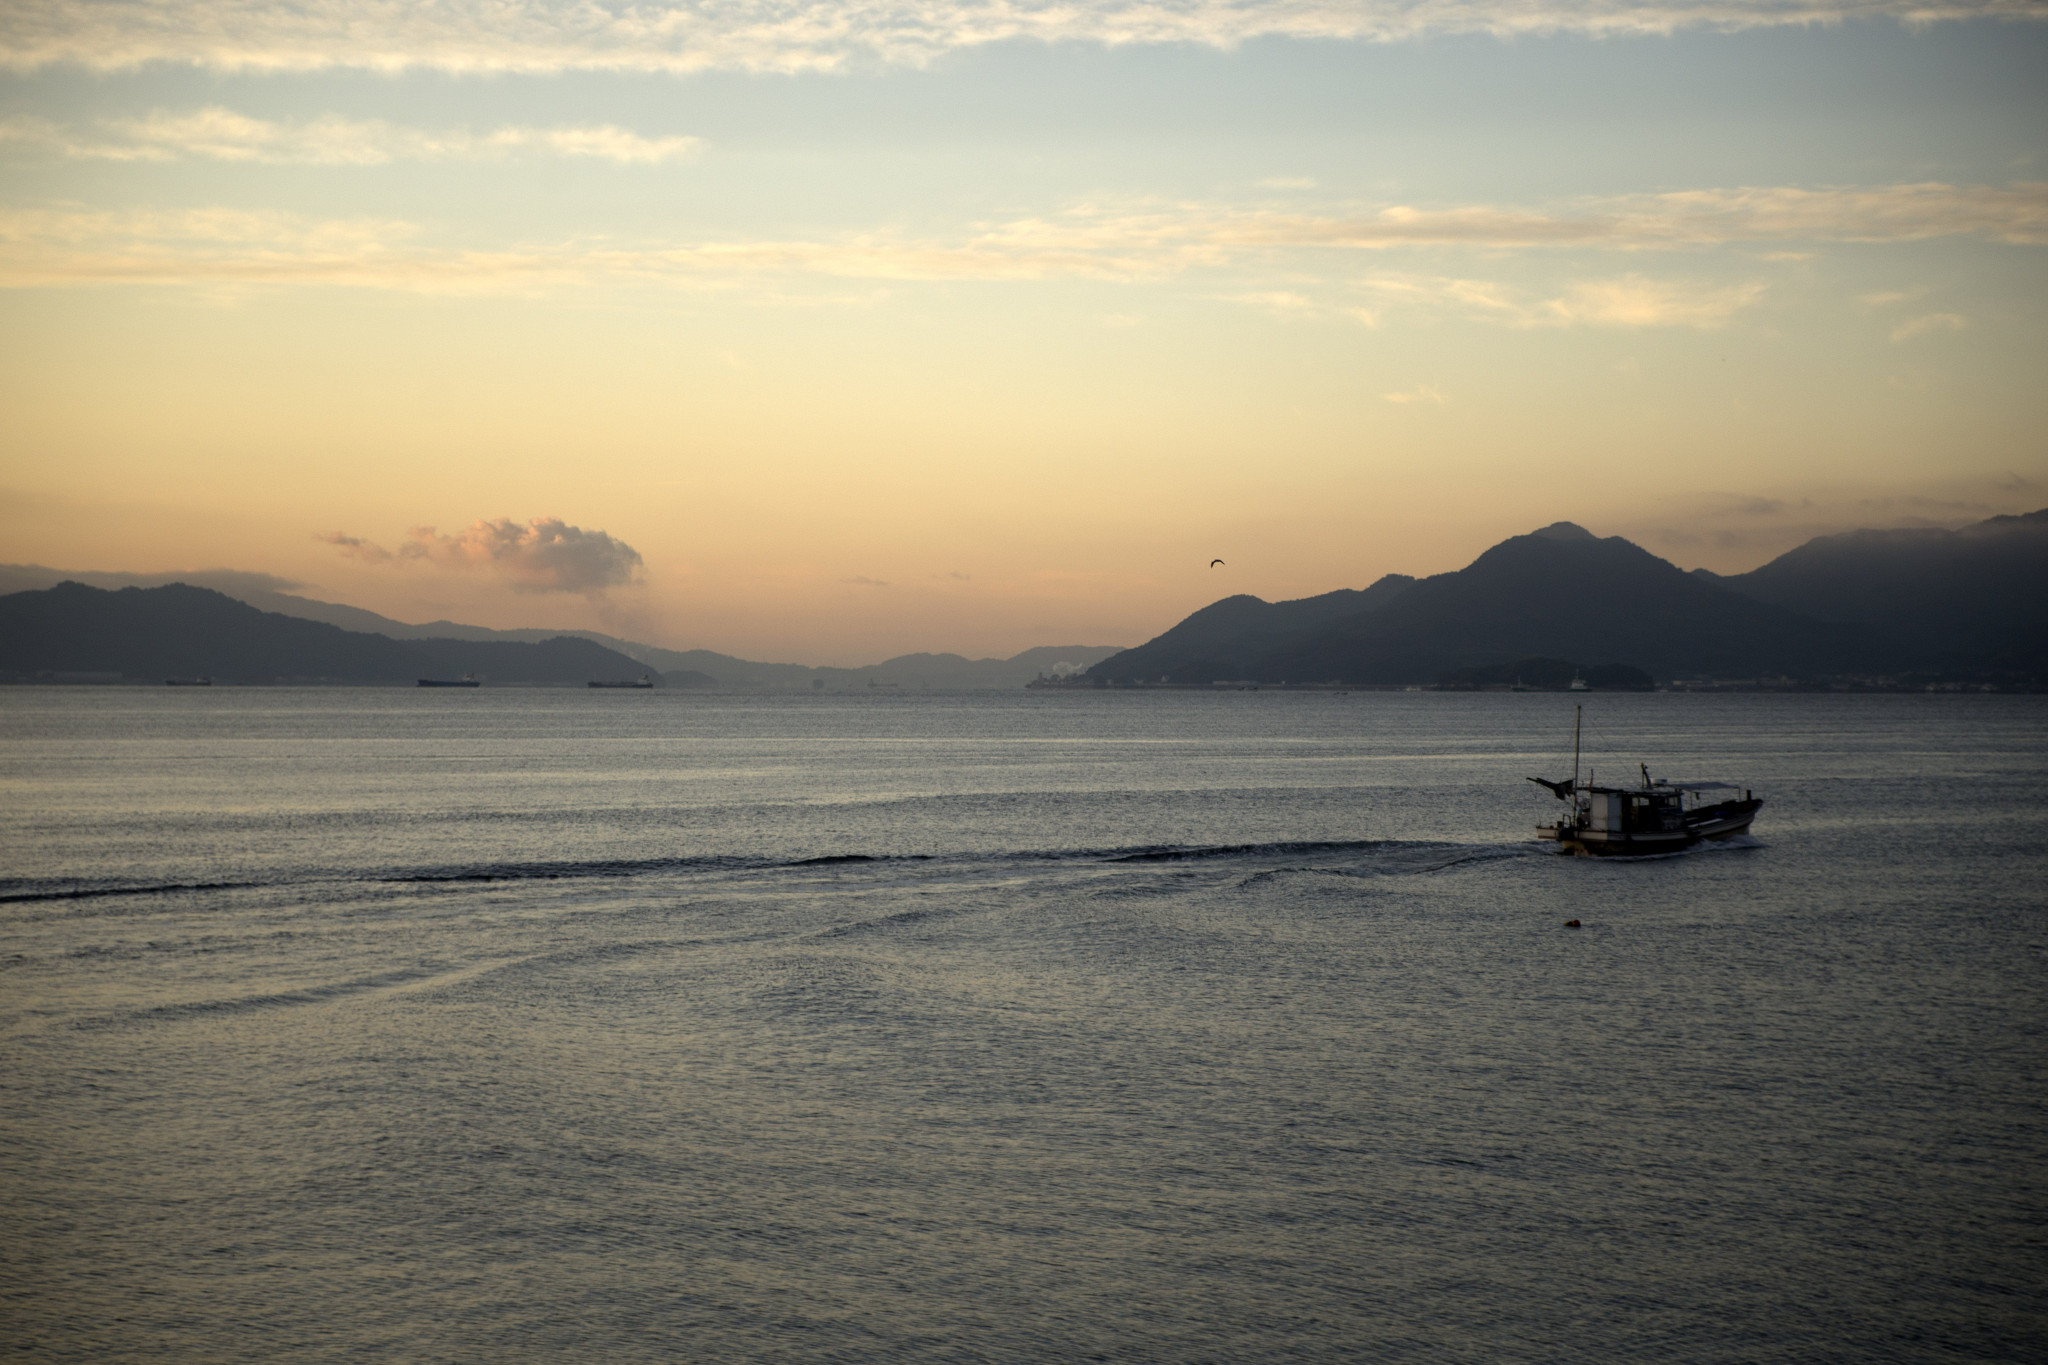 Sunrise fishing boat, Hiroshima